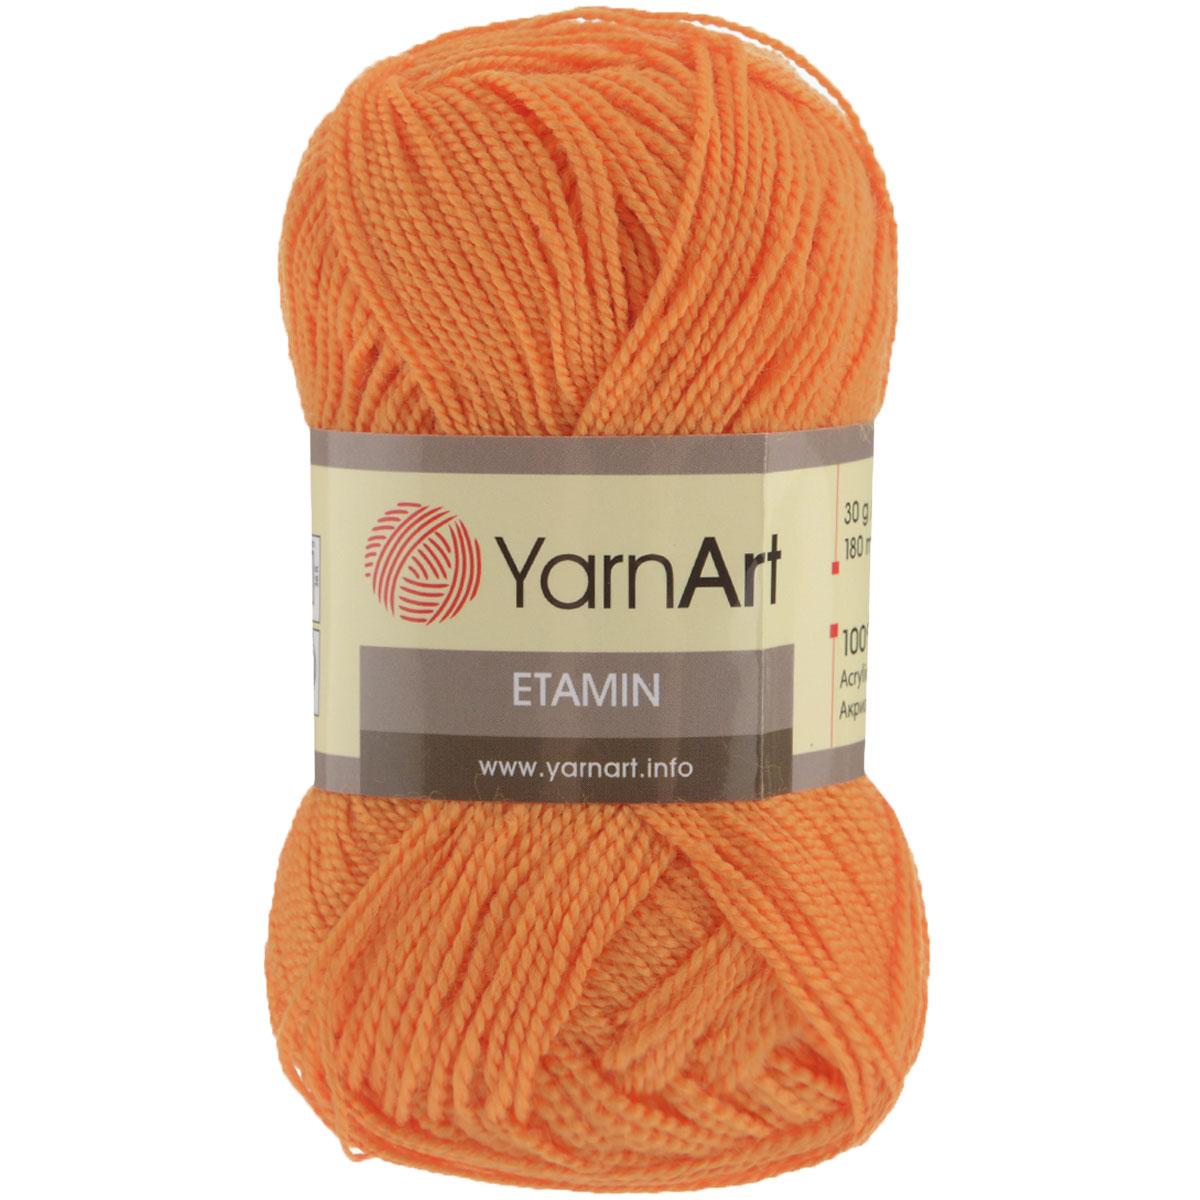 Пряжа для вязания YarnArt Etamin, цвет: оранжевый (446), 180 м, 30 г, 10 шт372099_446Пряжа Etamin YarnArt - это классическая пряжа из тонкого акрила для вязания изящных вещиц. Пряжа довольно прочная, не вытягивается, не скатывается, цветовая палитра представлена широчайшей радугой оттенков. Очень хорошо из Etamin YarnArt вязать декоративные элементы, цветы, игрушки, куколки и одежду для них, чехлы для мобильных телефонов и так далее. Вязать из этой ниточки очень легко: пряжа не скользит, не спутывается и не расслаивается. Рекомендованные спицы и крючок № 2,5. Состав: 100% акрил.